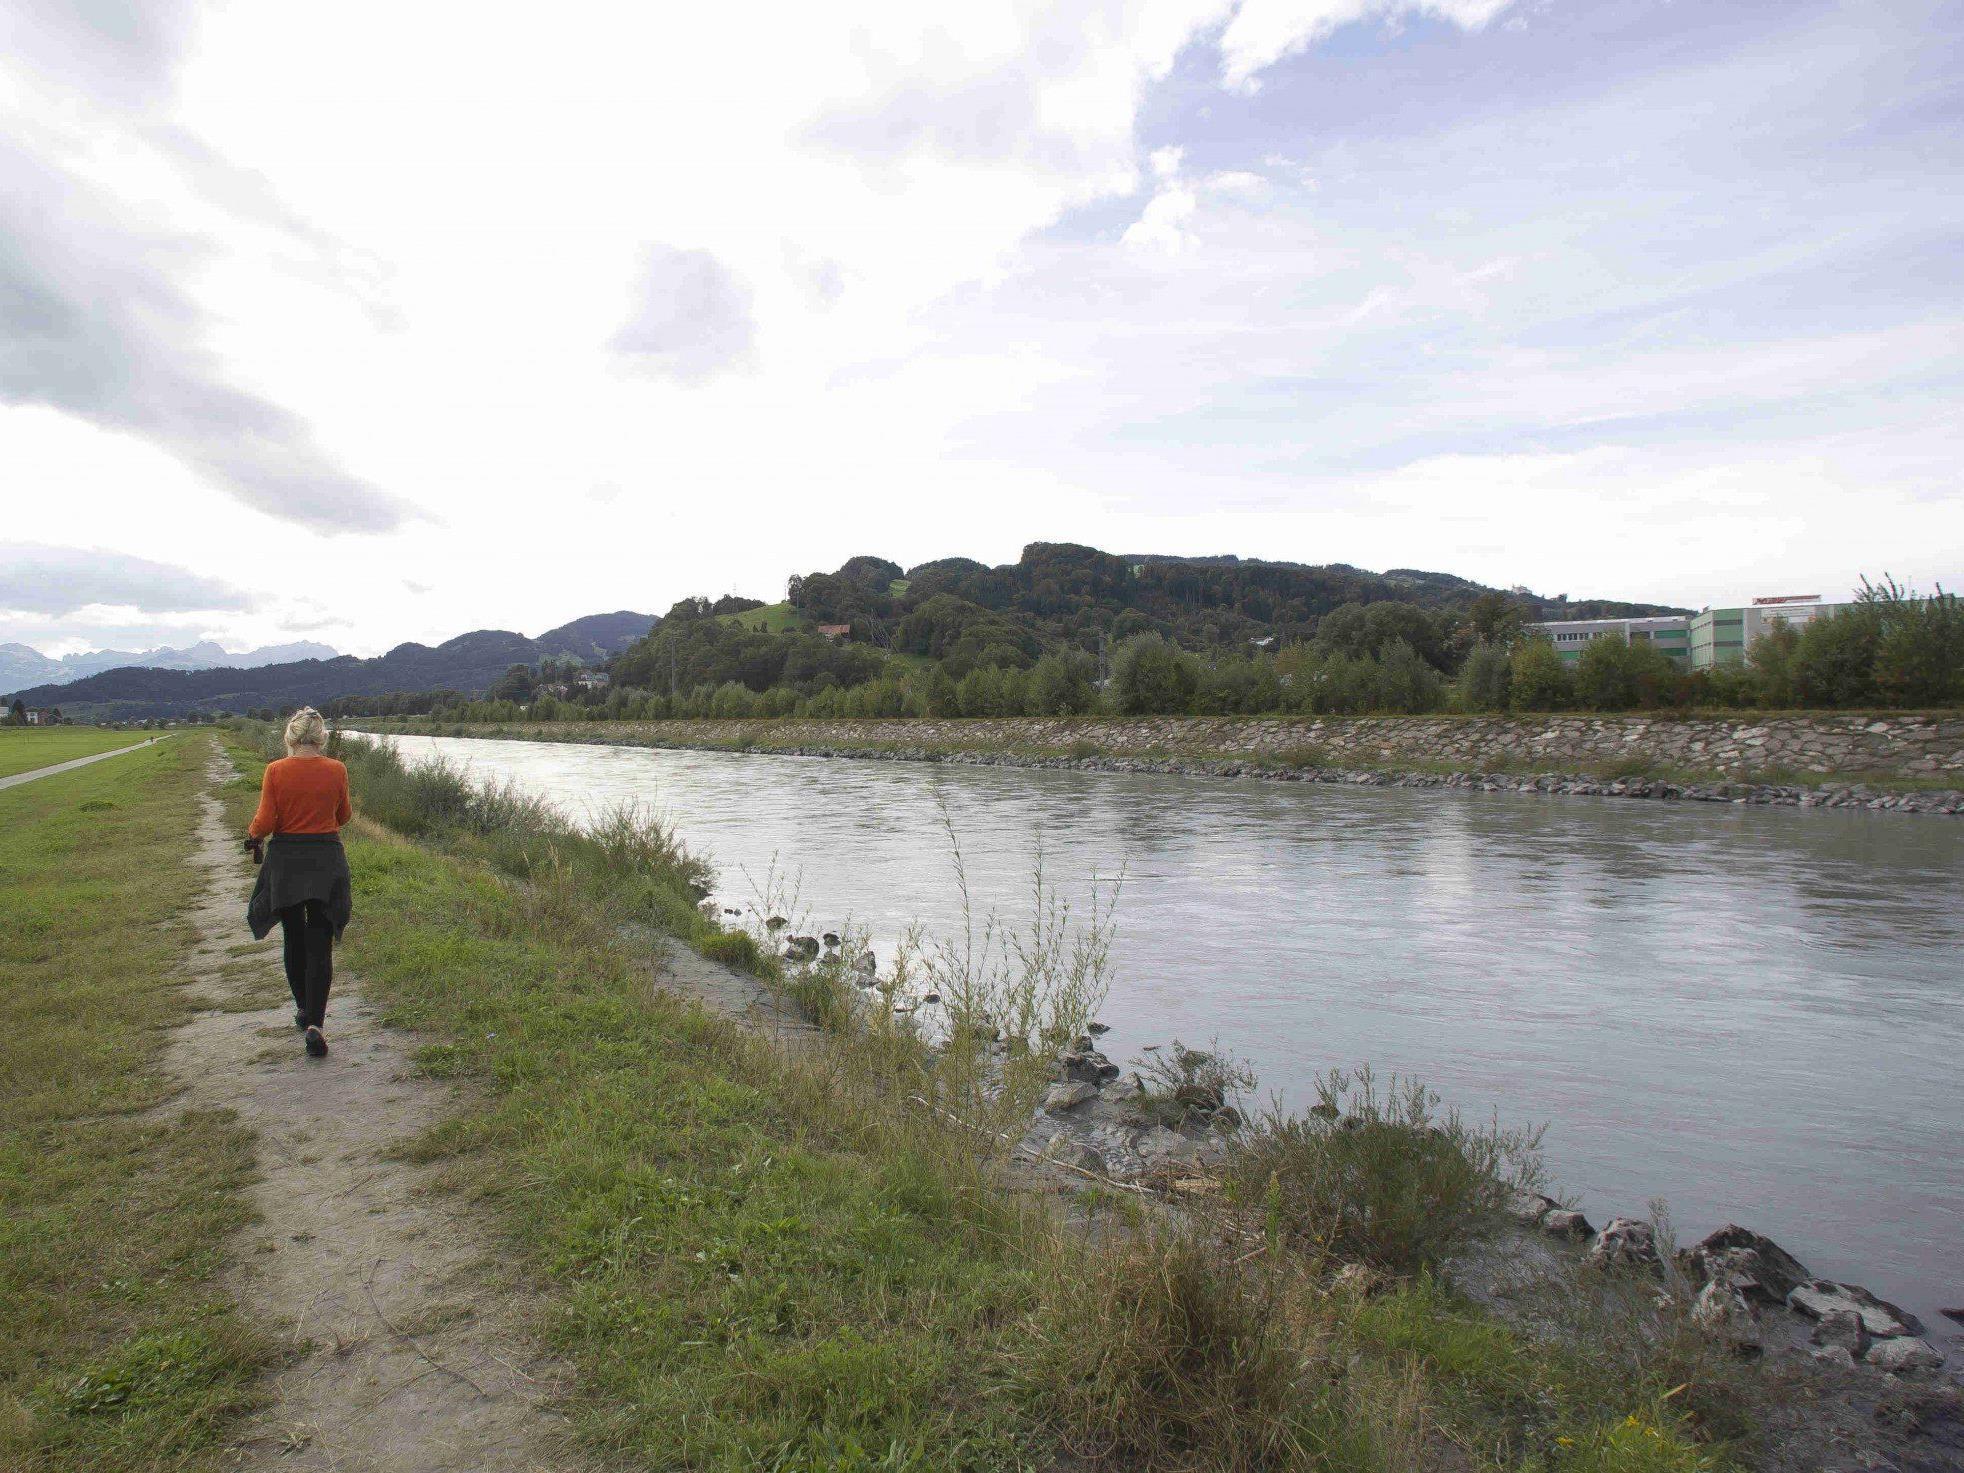 Vorarlberger und Schweizer Ortschefs zu Gespräch eingeladen - Sorge um Trinkwasserversorgung